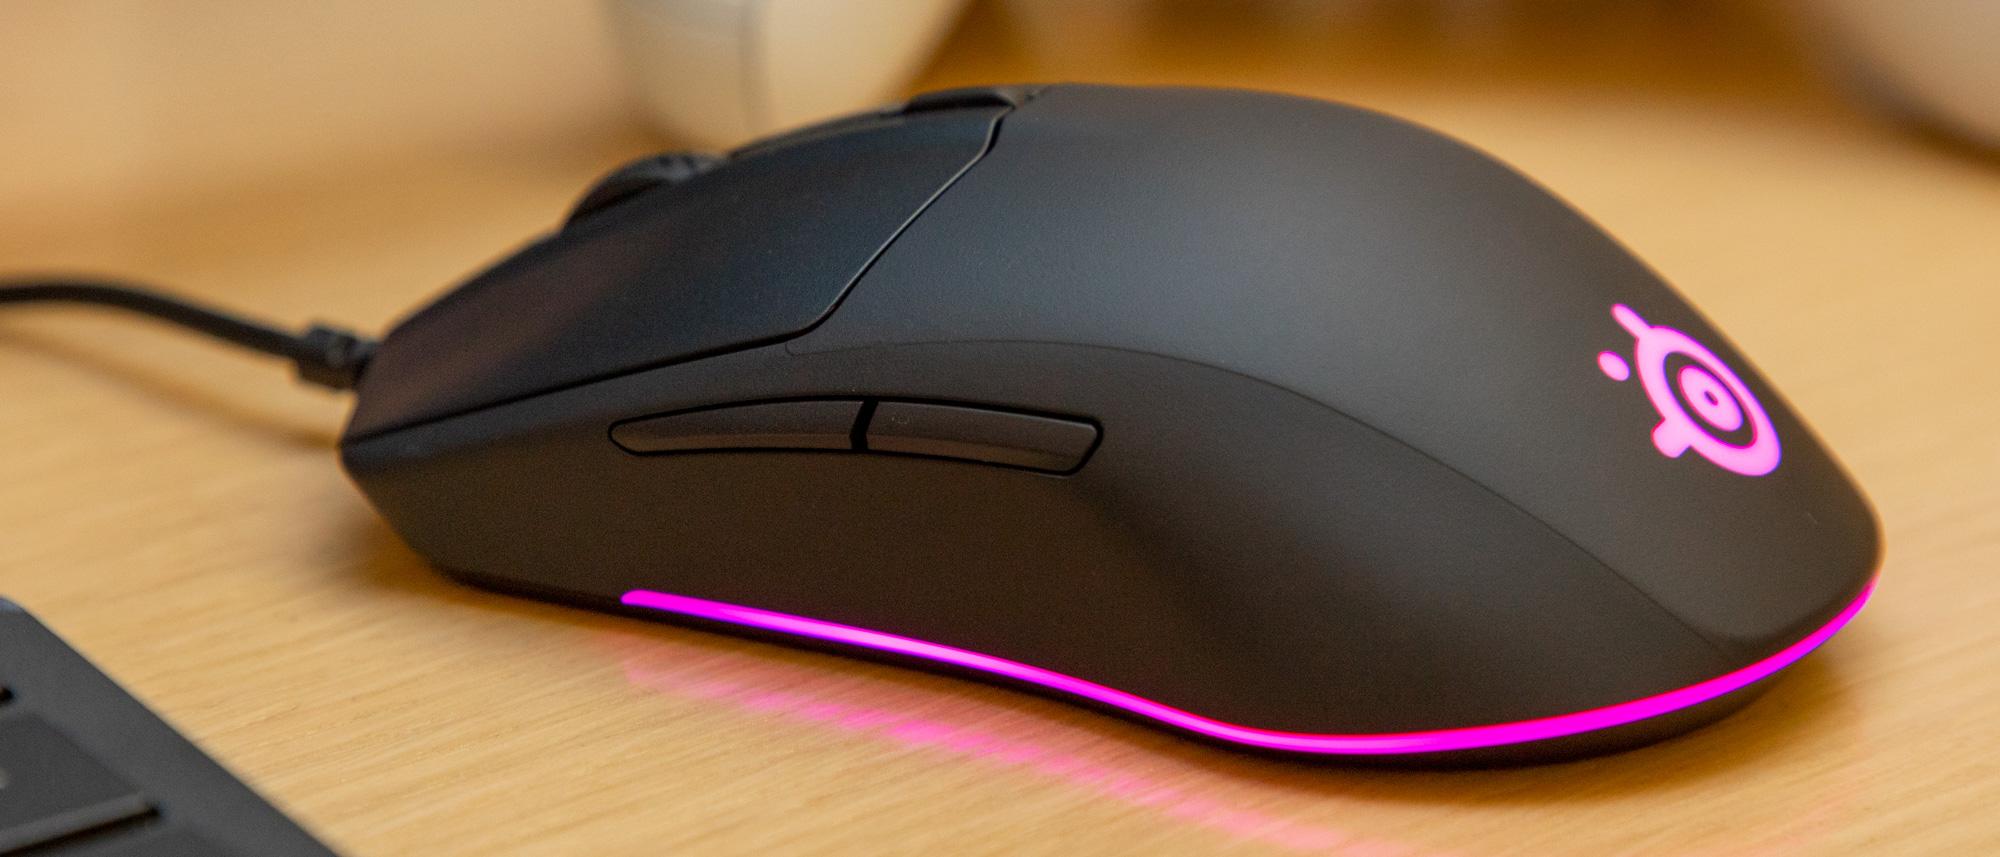 Лучшая бюджетная игровая мышь